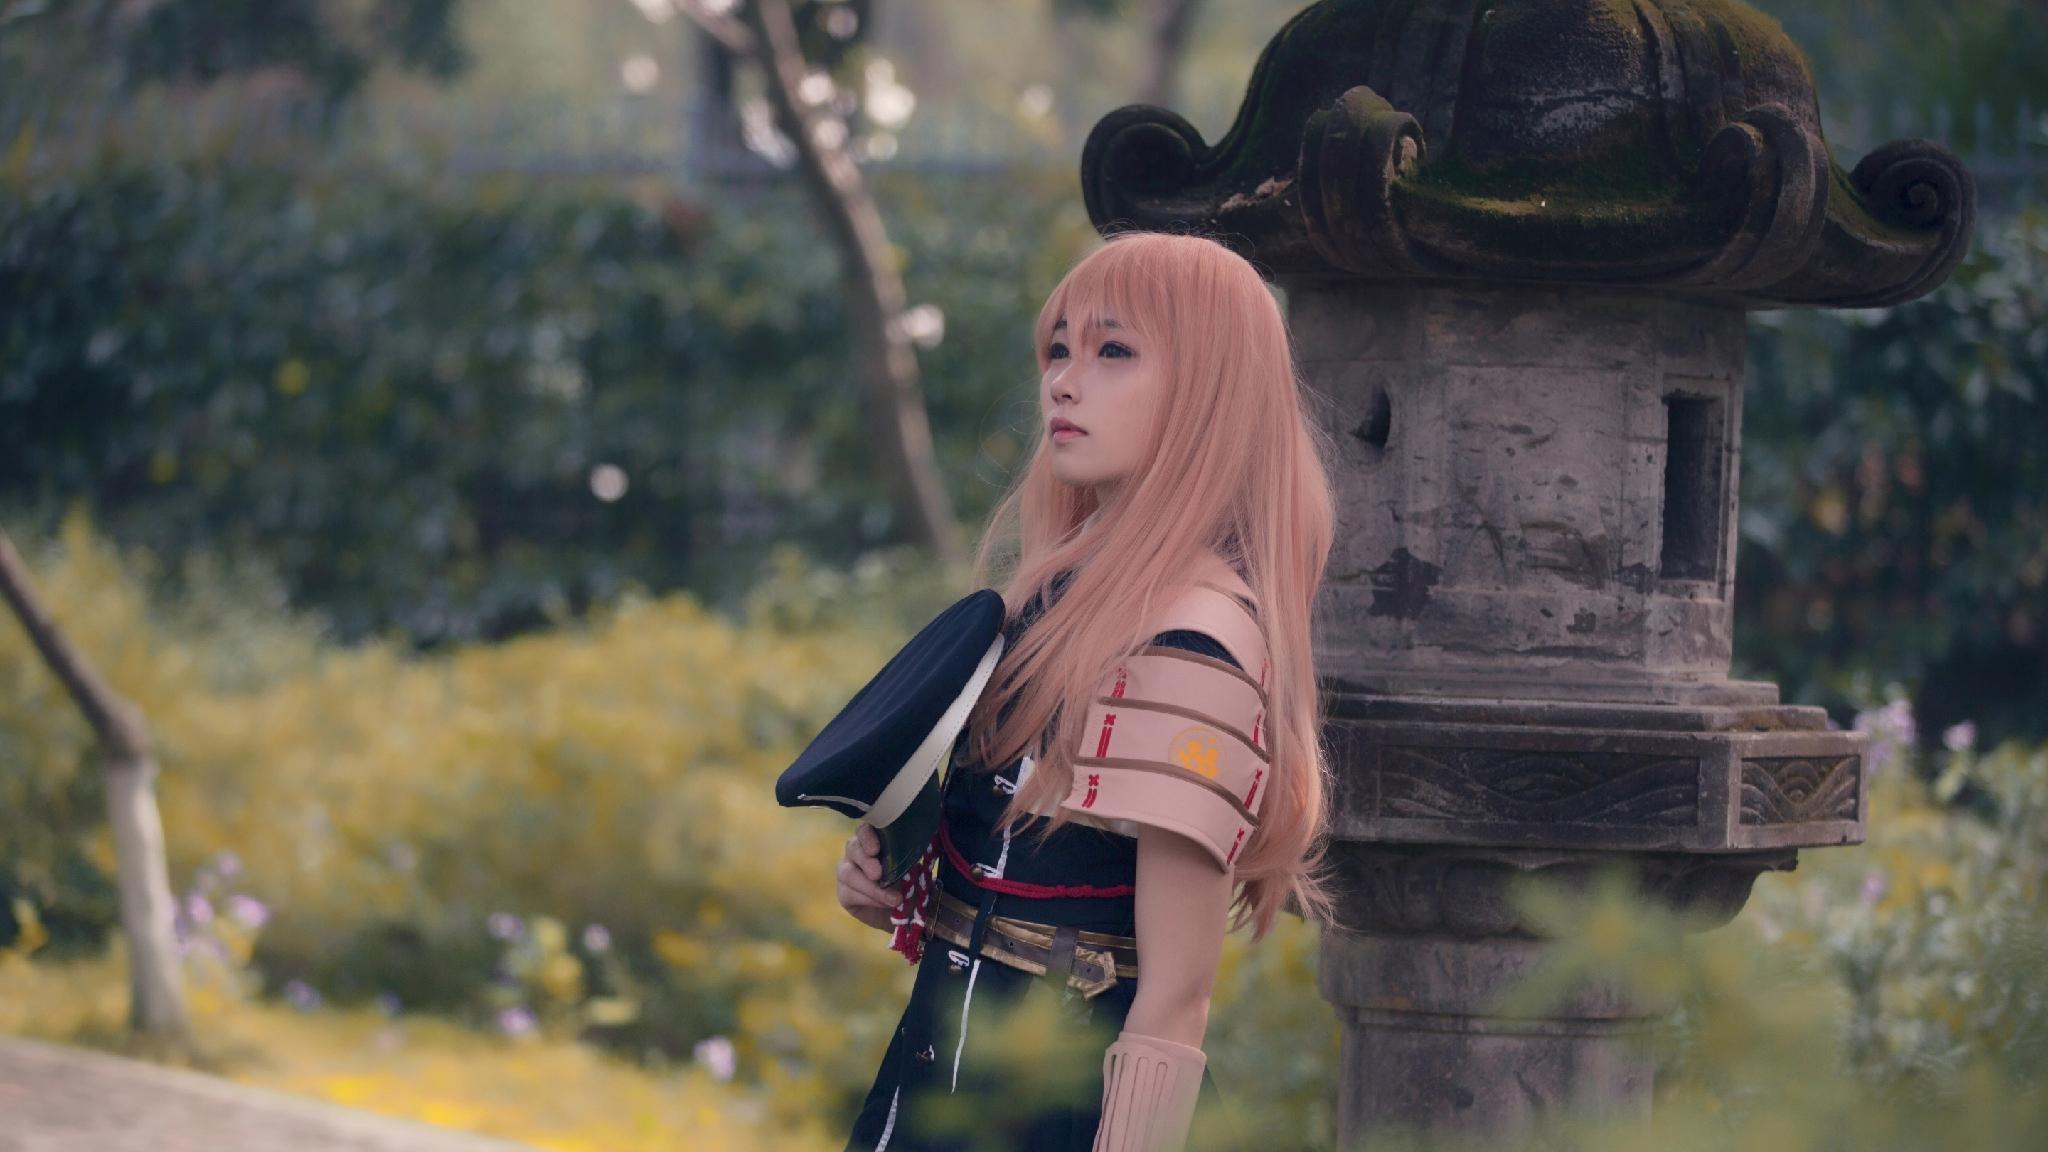 《刀剑乱舞》乱藤四郎cosplay【CN:绯茶】-第2张